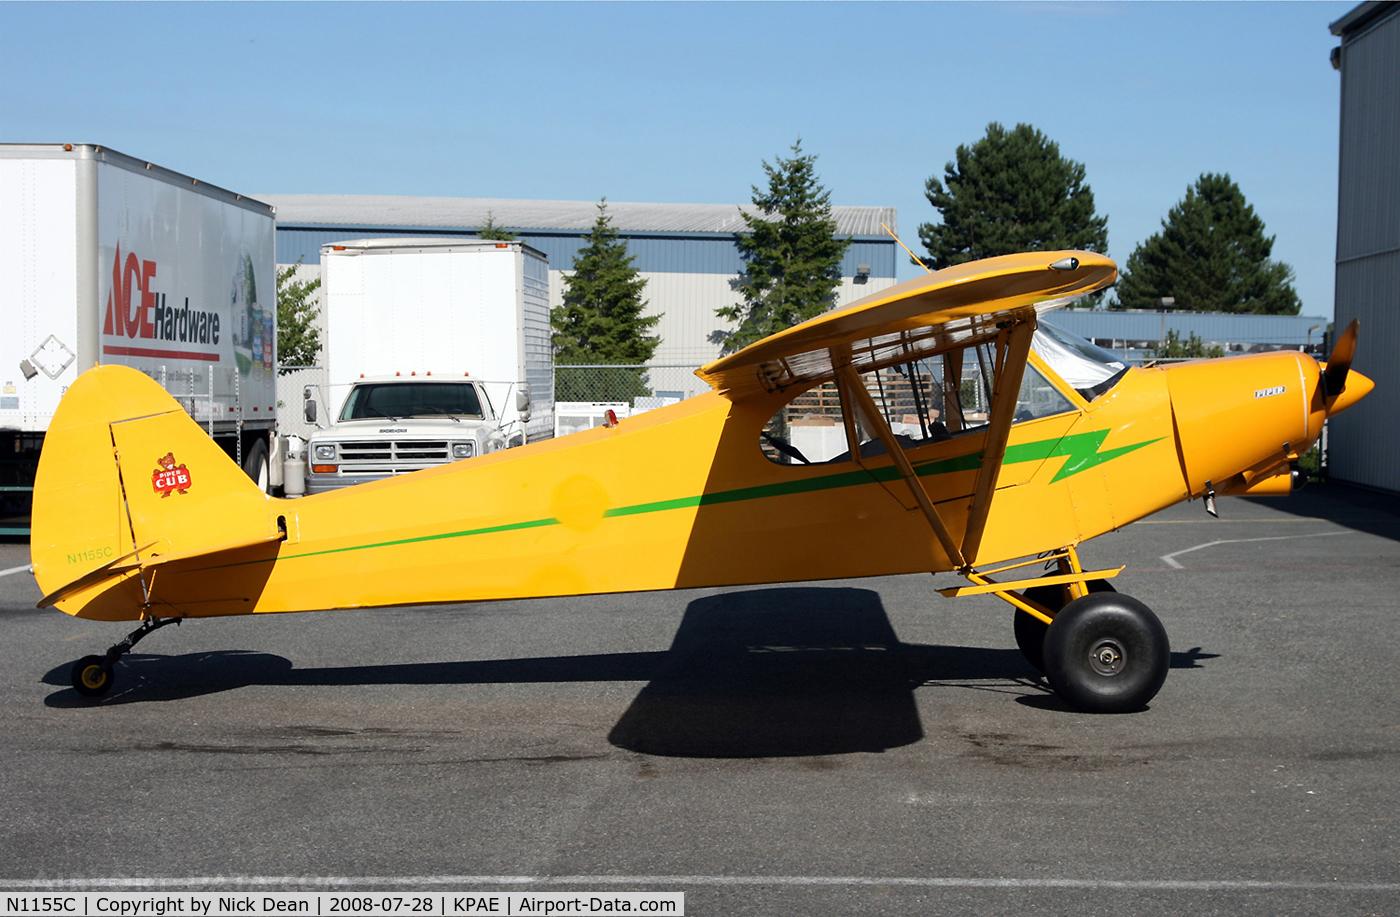 N1155C, 1953 Piper PA-18-135 Super Cub C/N 18-2457, /